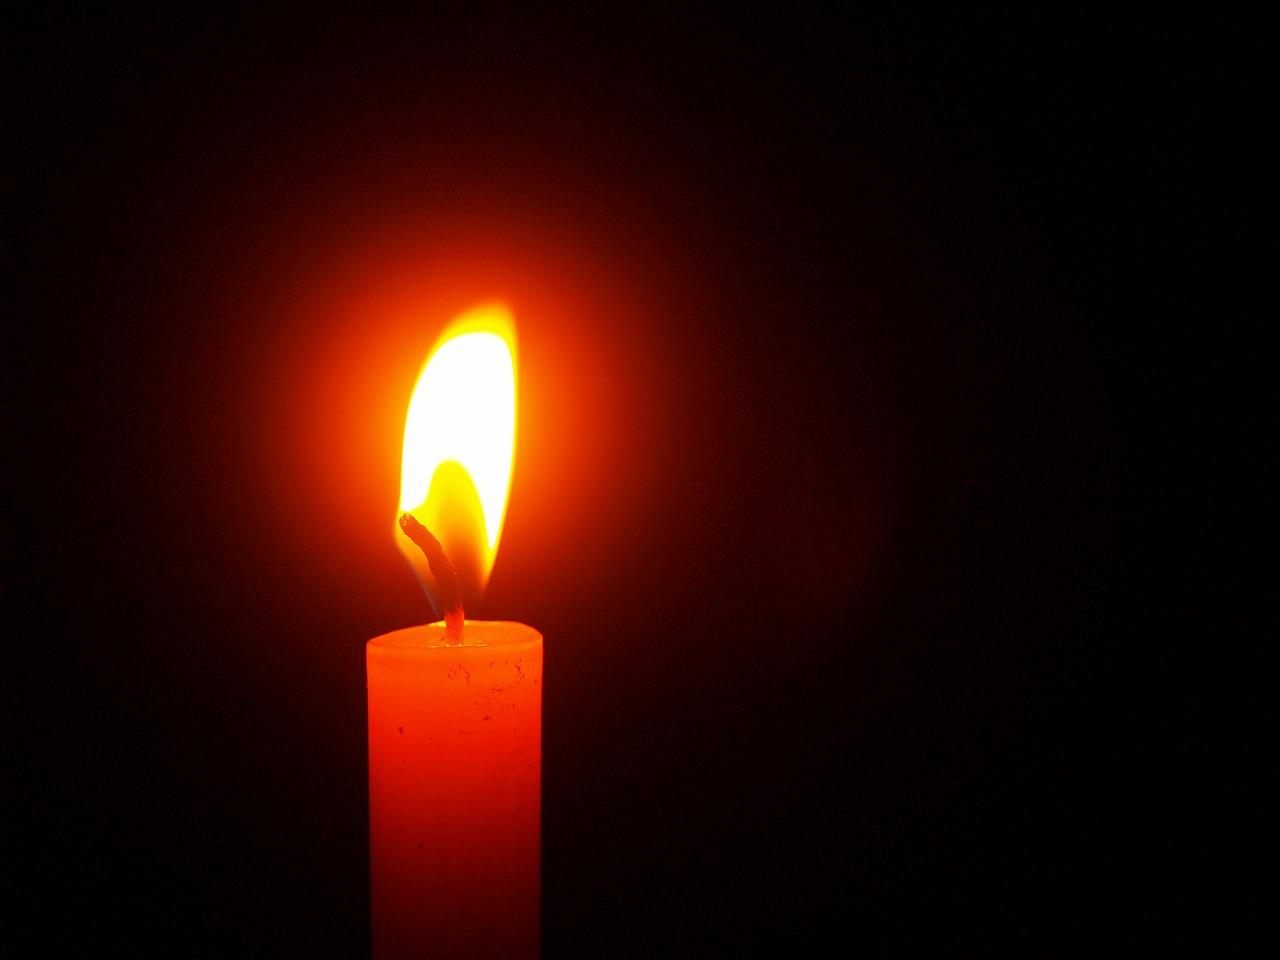 На фото изображена свеча.